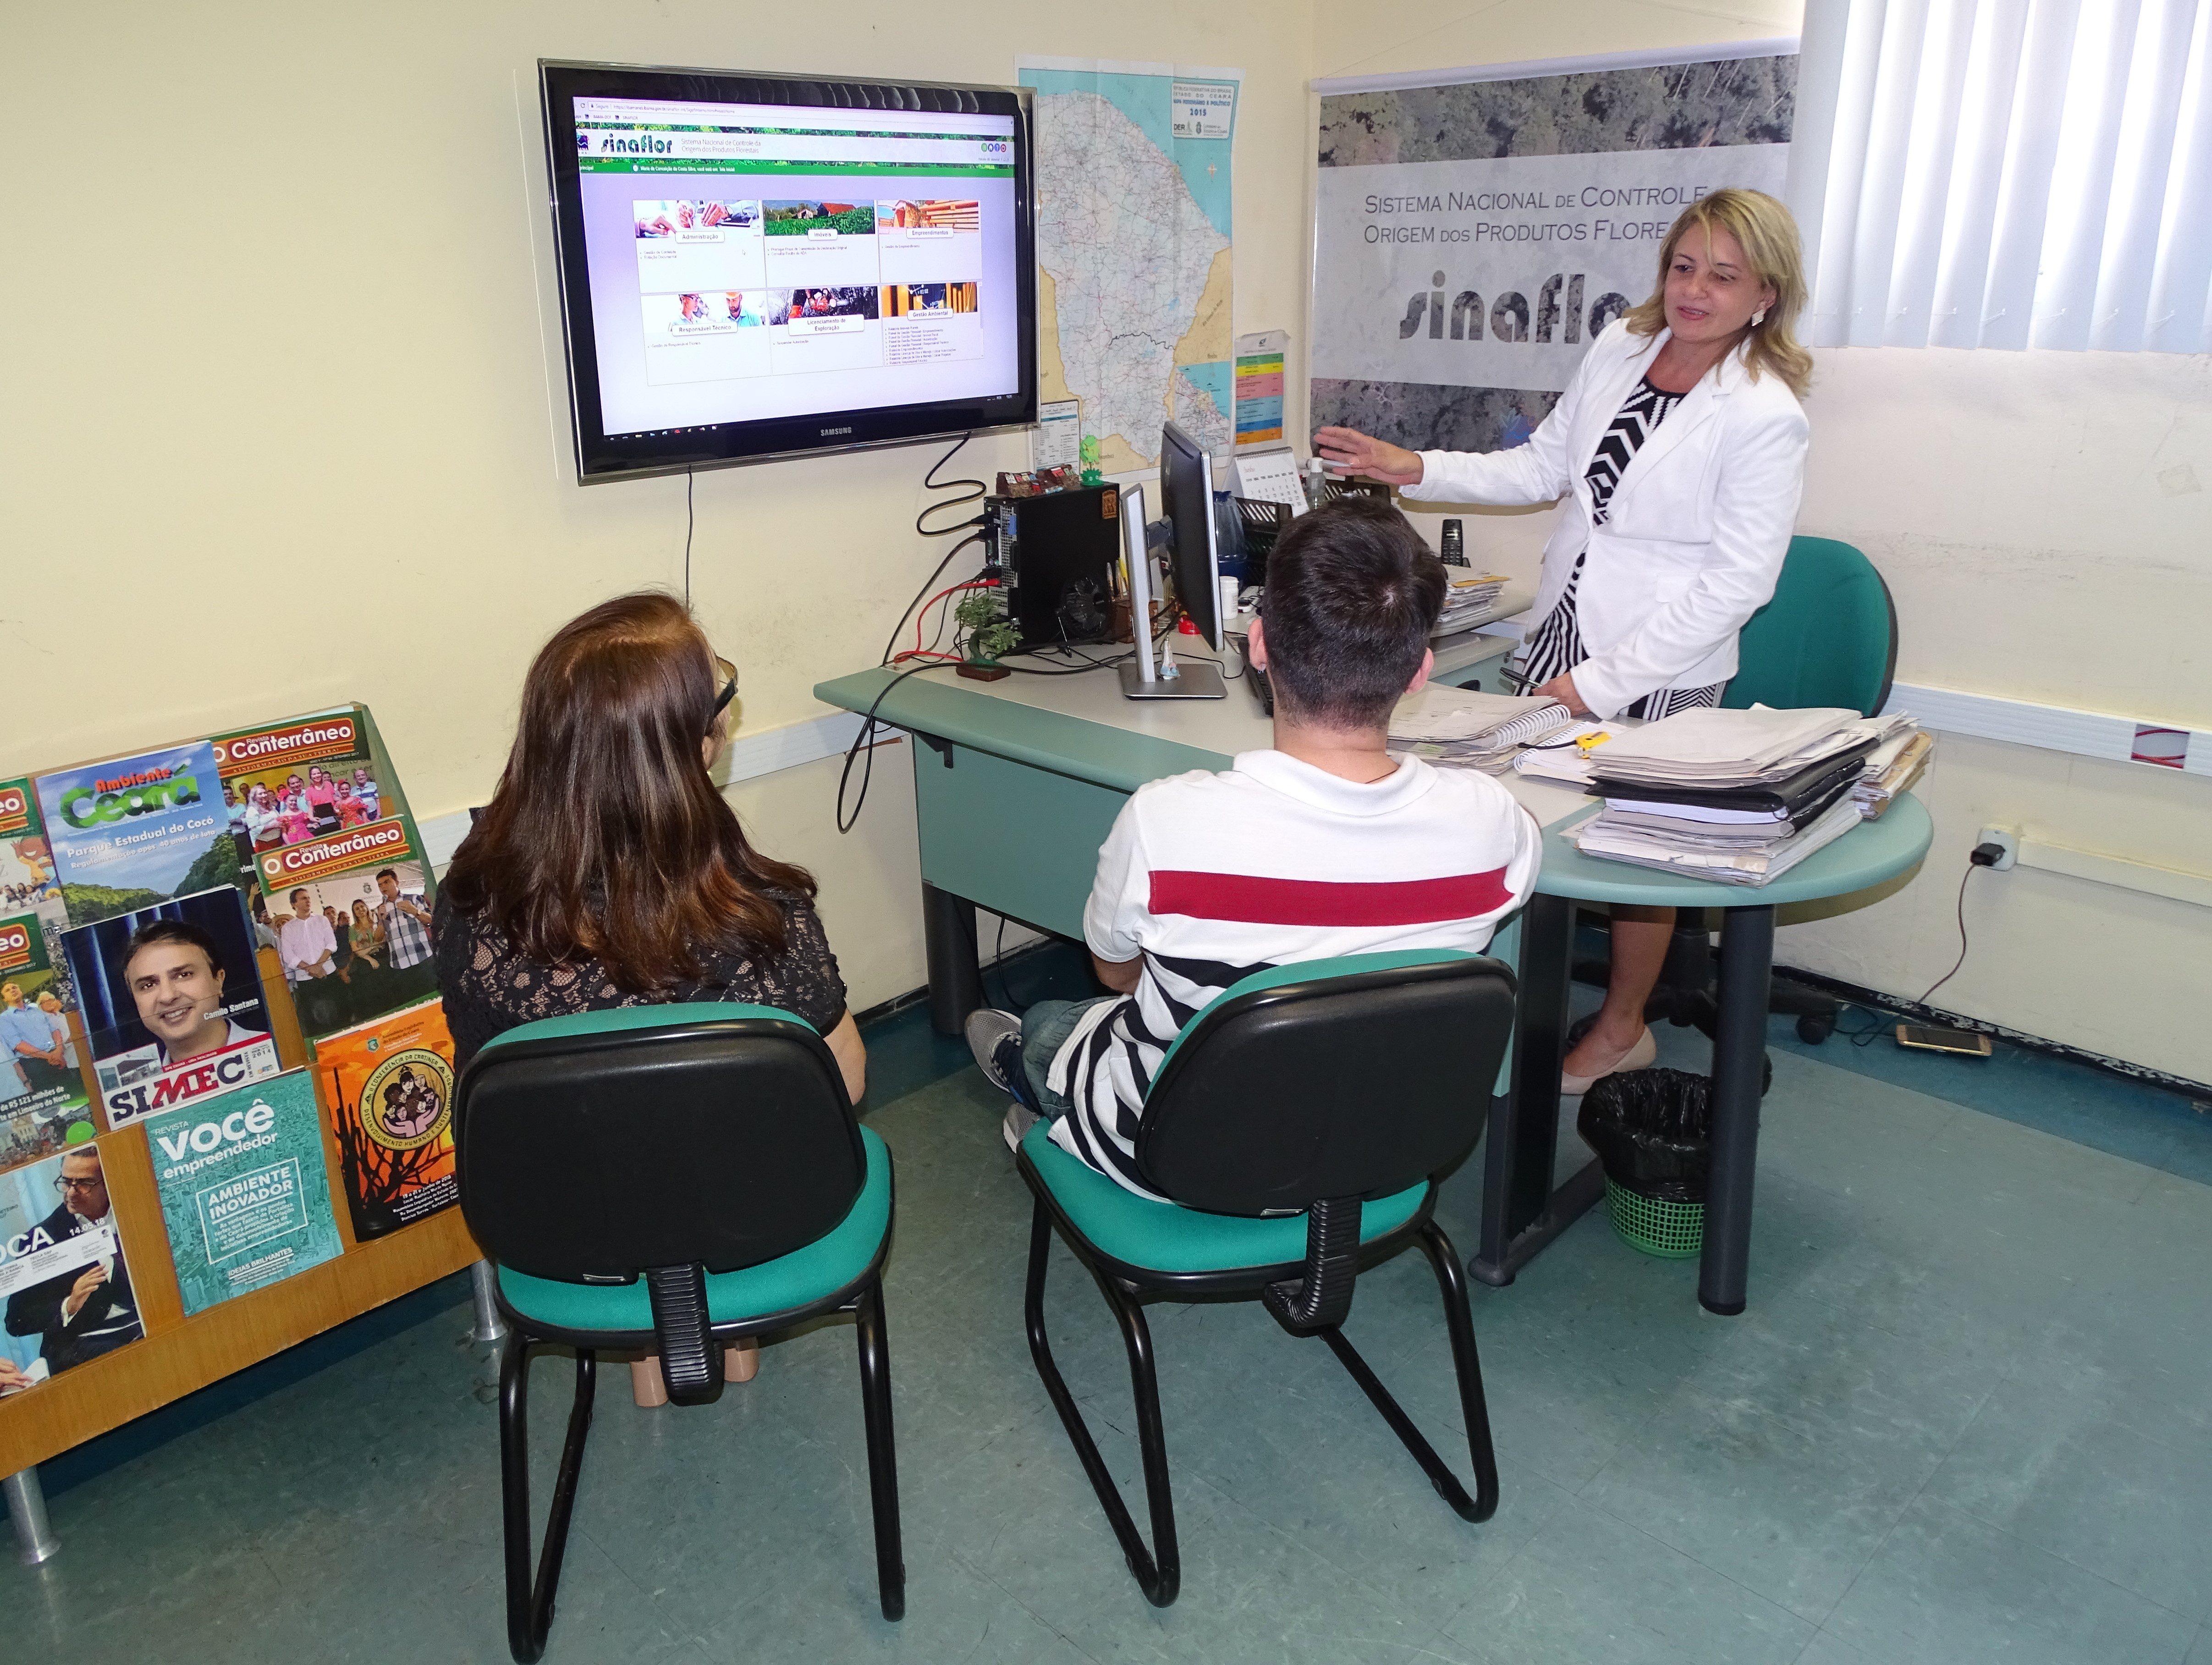 Na imagem, uma mulher aponta para uma tela onde se apresenta a plataforma virtual do Sinaflor. Ela gesticula para duas pessoas sentadas em cadeiras. Um homem e uma mulher